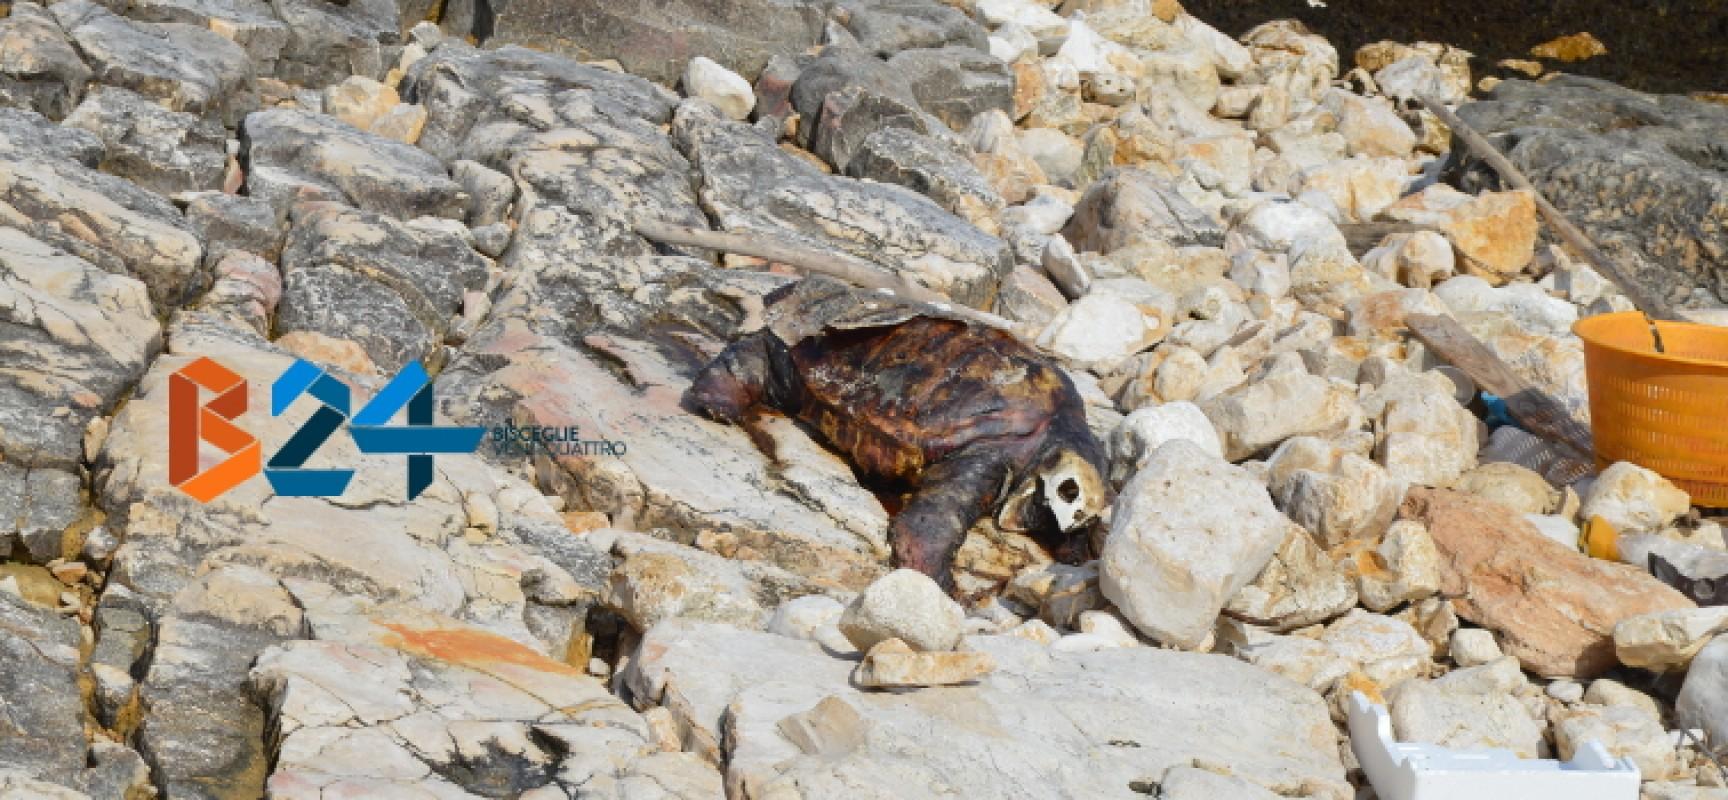 Carcassa di tartaruga spiaggiata da giorni a Ripalta, interviene Centro di Recupero Tartarughe / FOTO